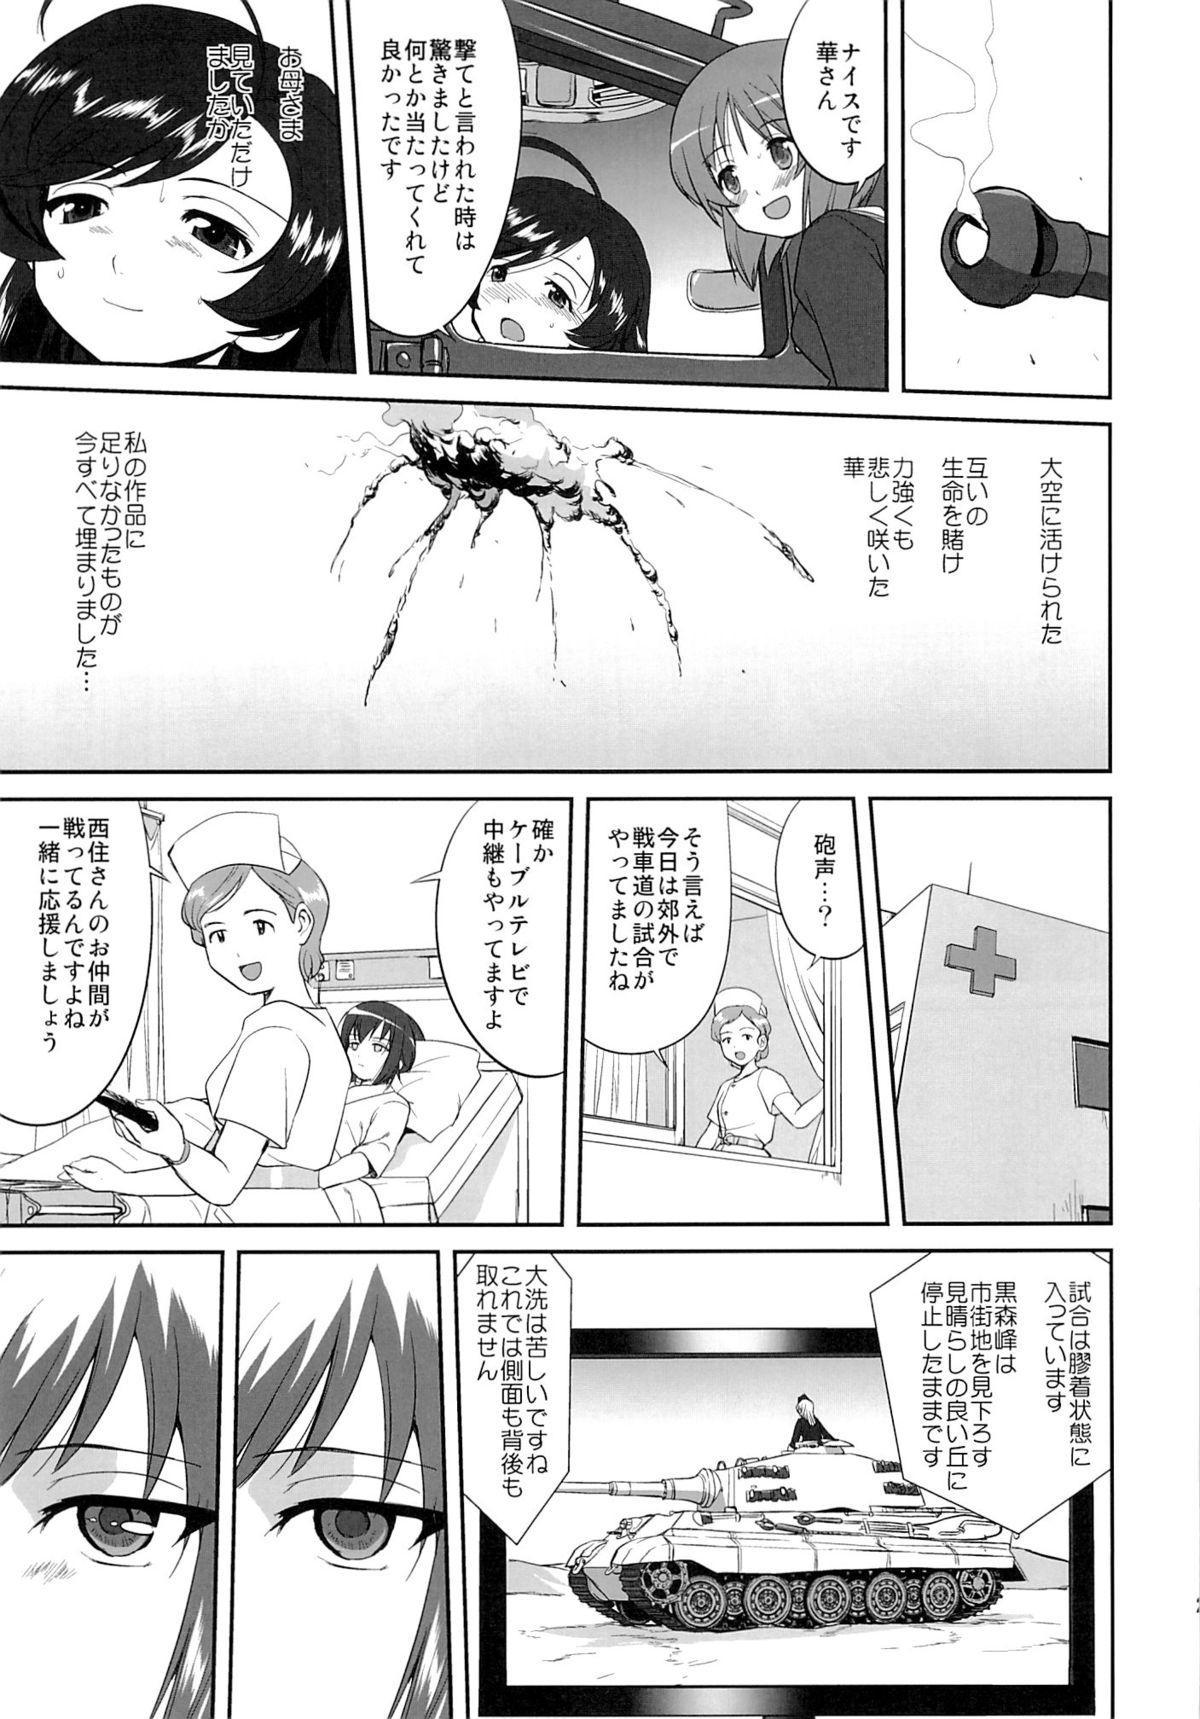 Yukiyukite Senshadou Kuromorimine no Tatakai 27